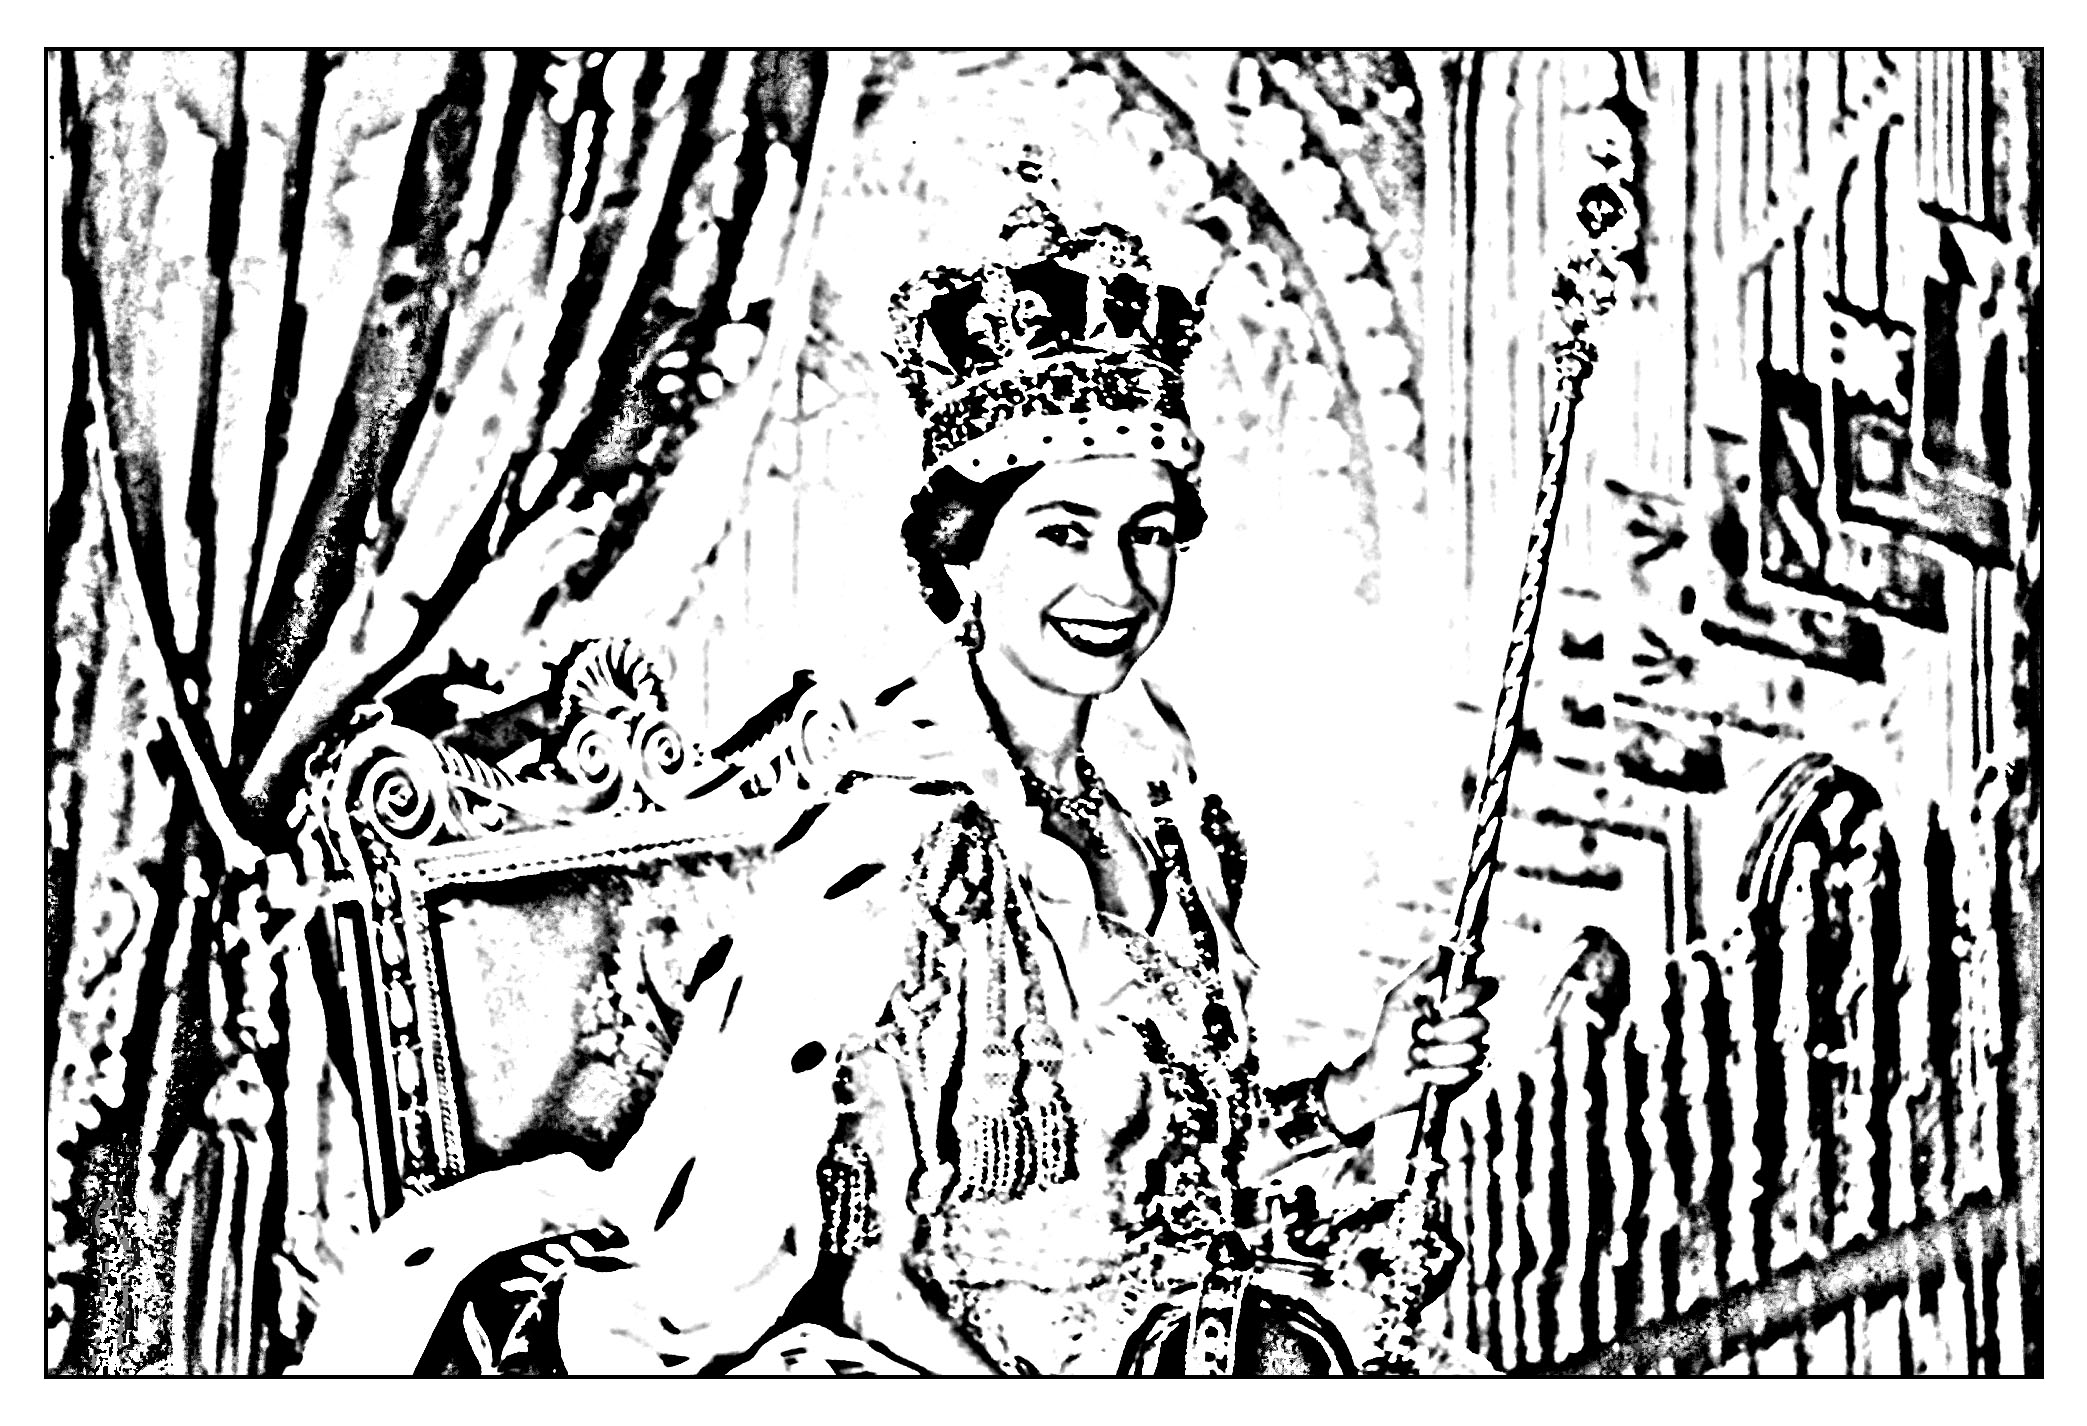 Disegni da colorare per adulti : Re e regine - 11